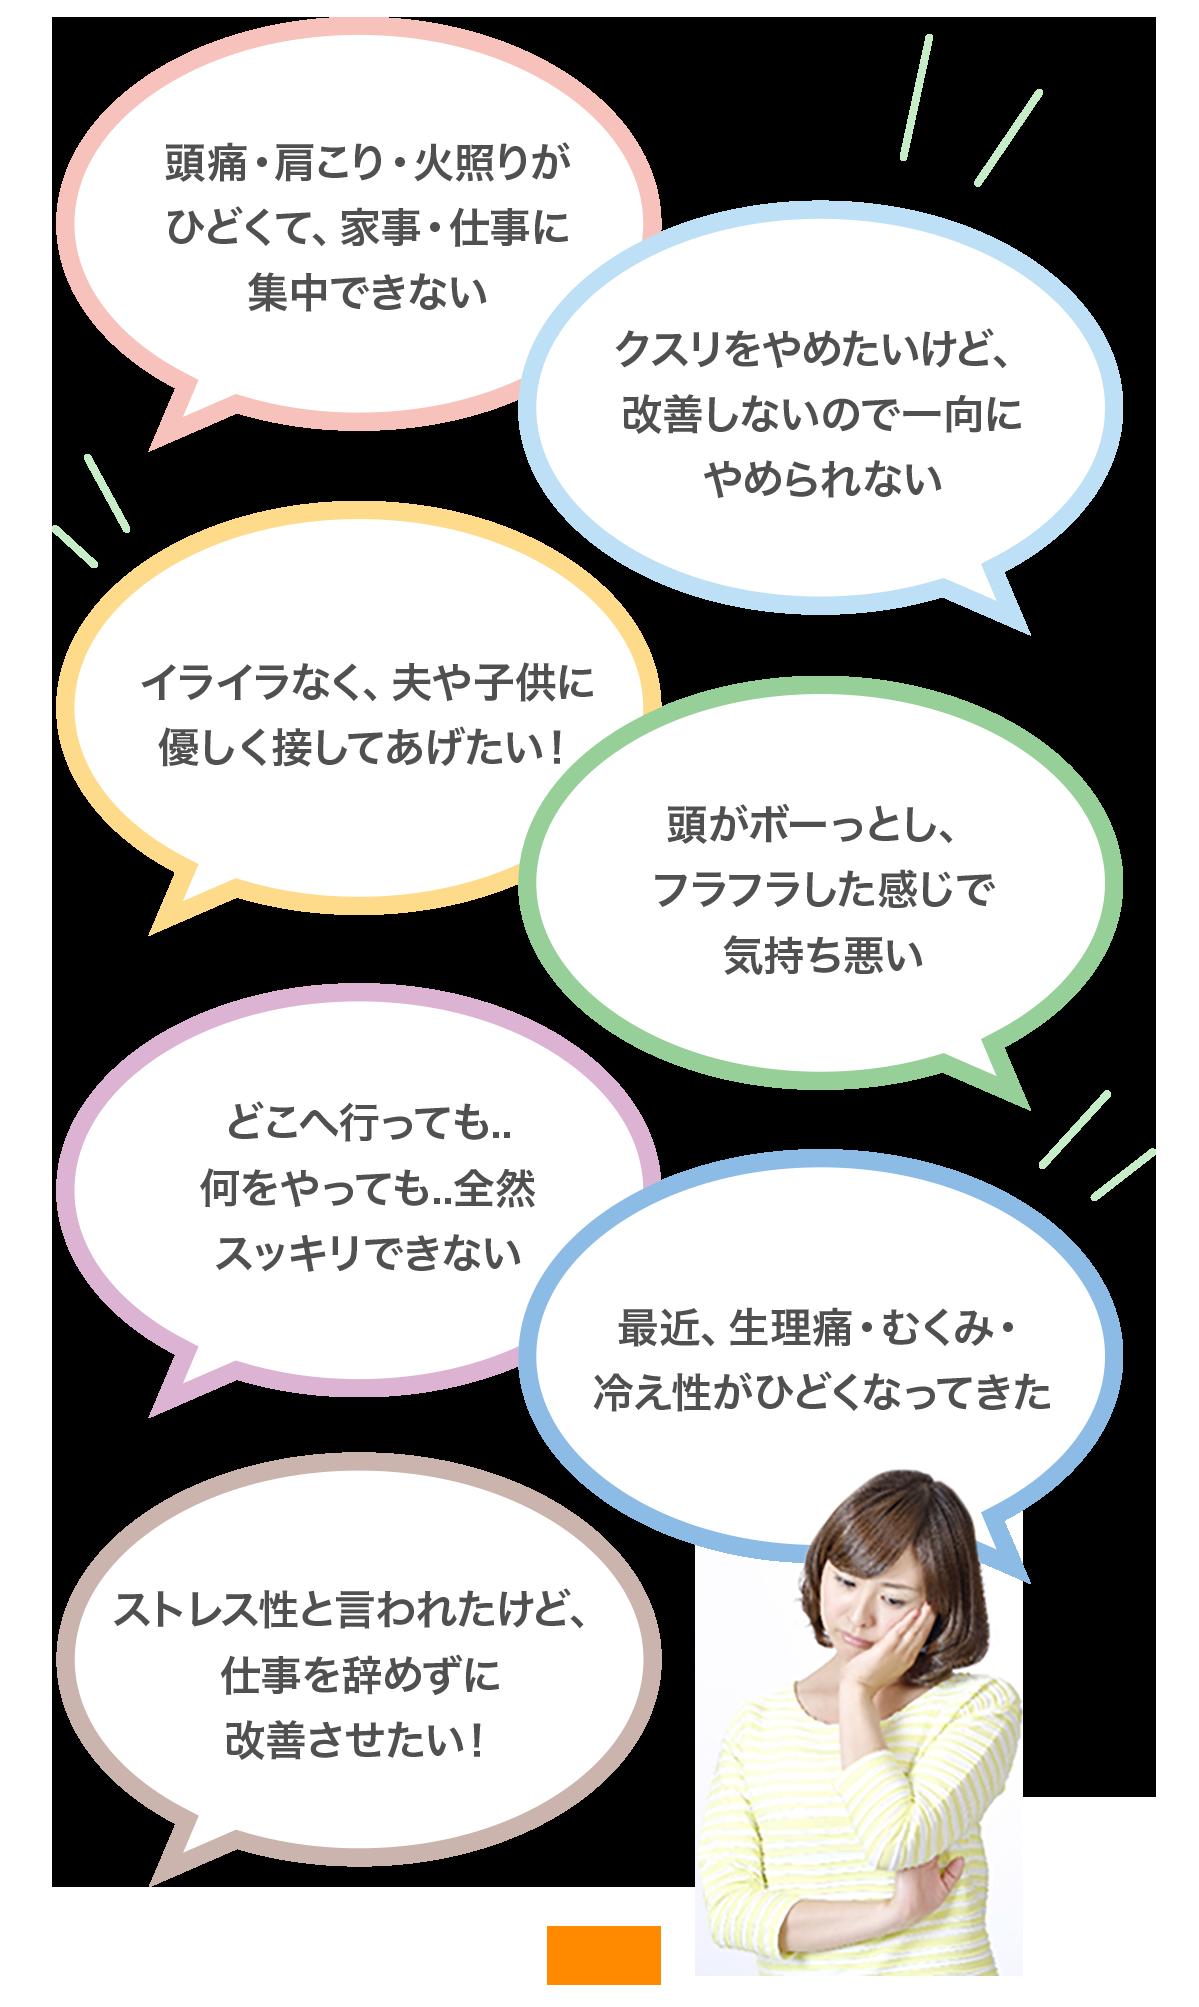 大阪堺市 バランス整体院エール お悩み症状